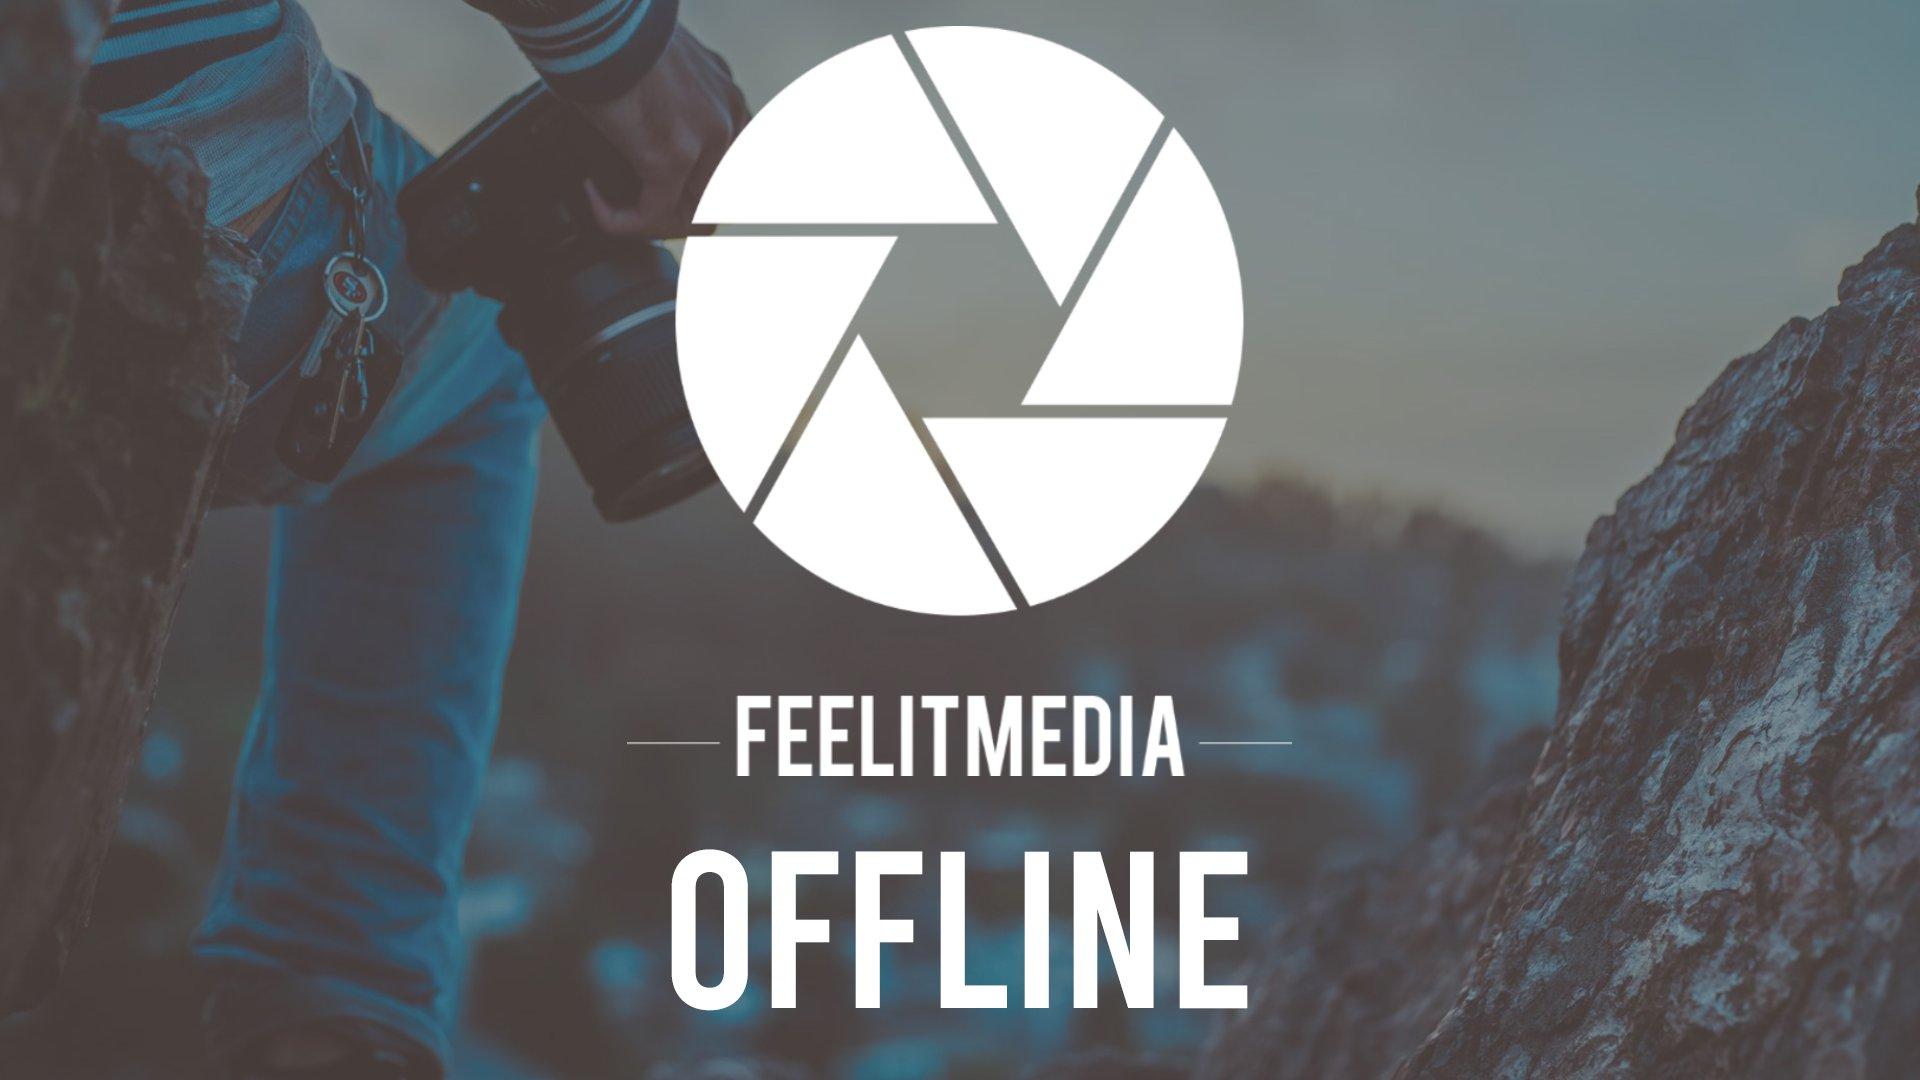 Twitch stream of feelitmedia